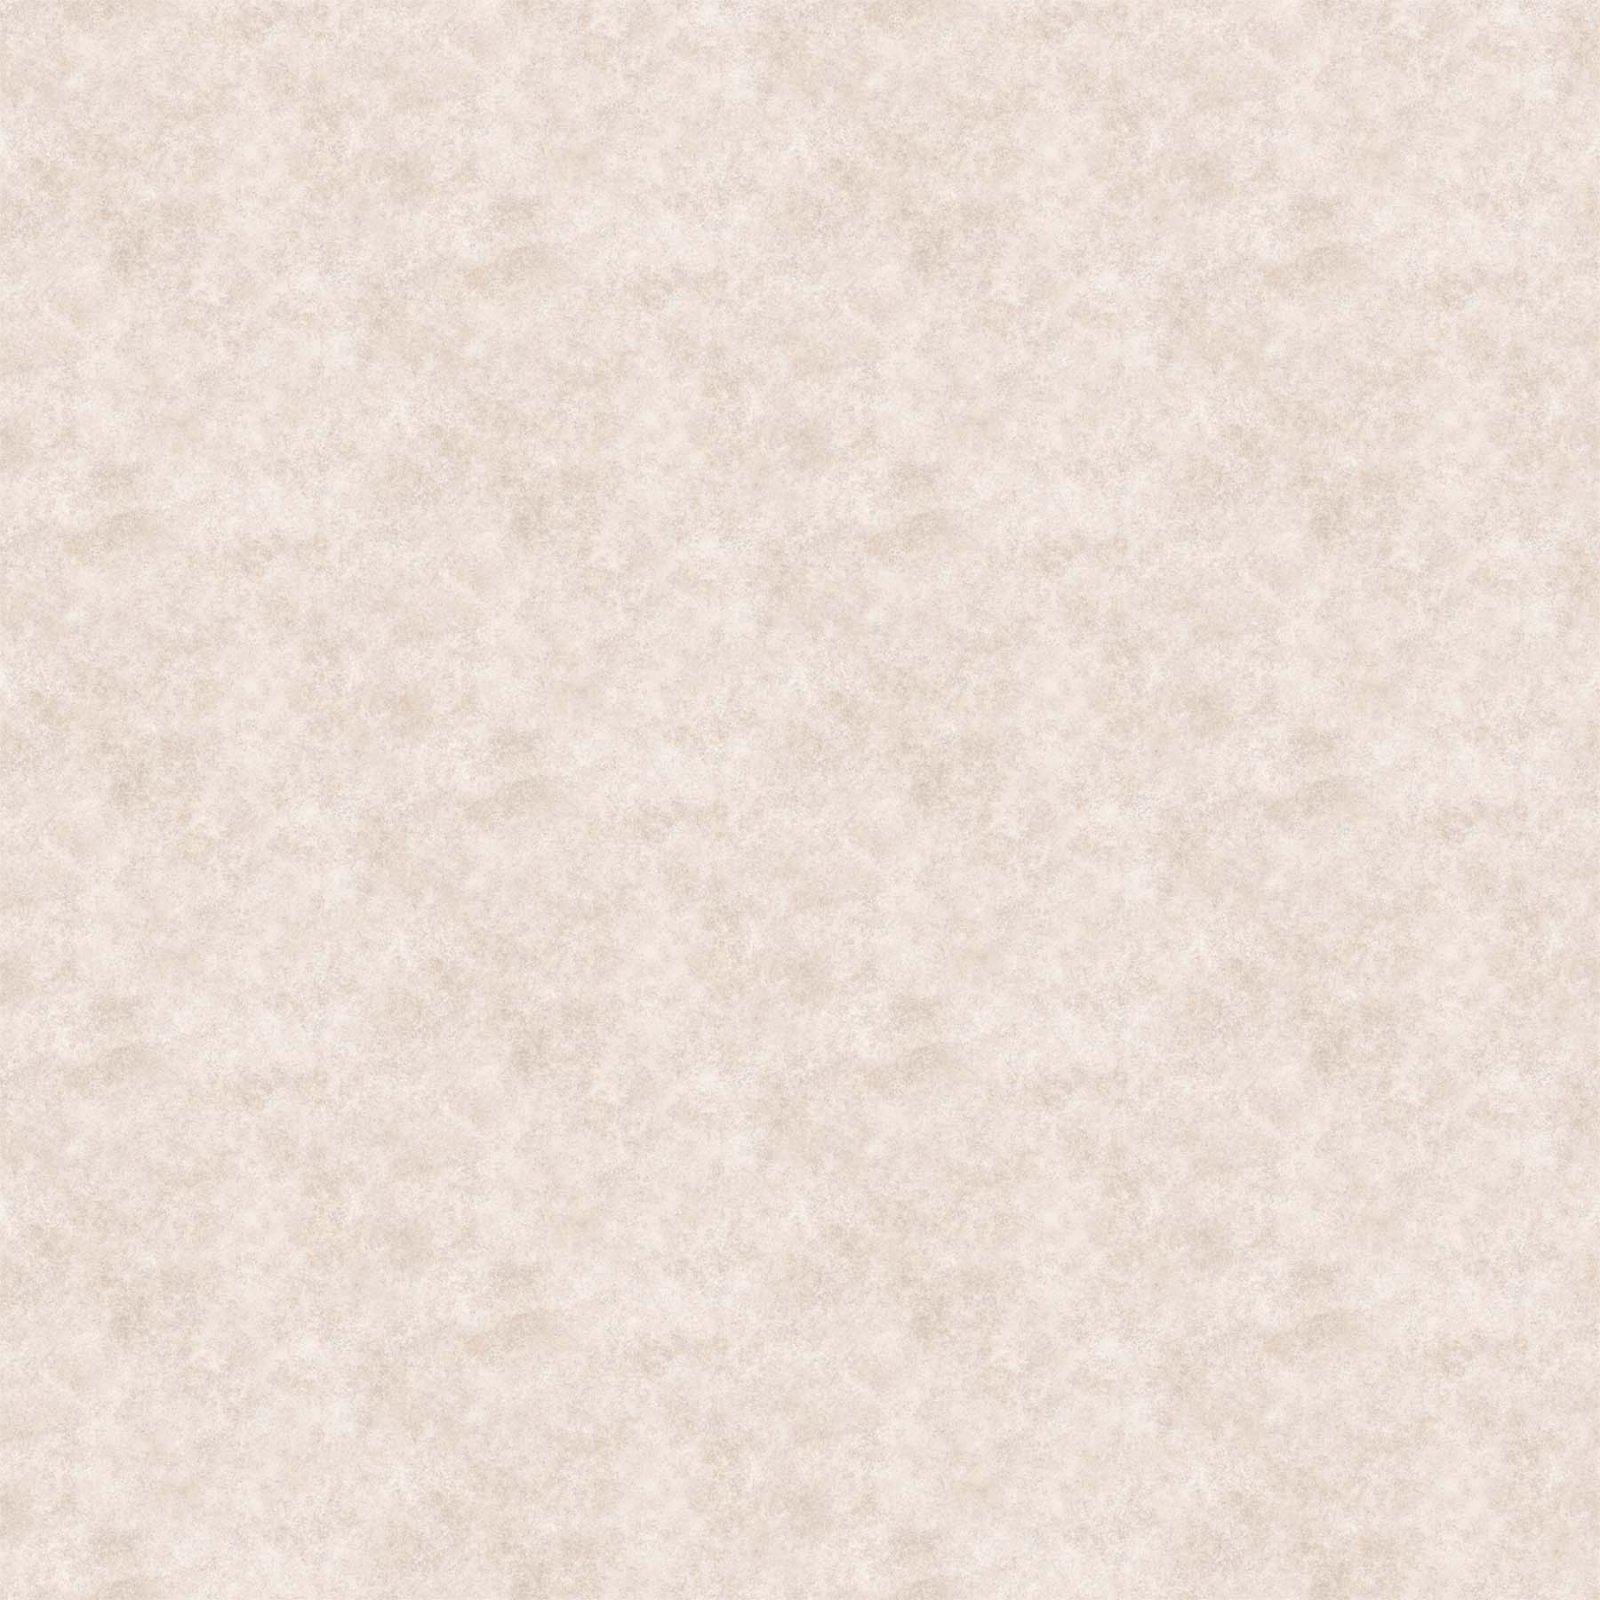 Shimmer - Radiance - Oyster